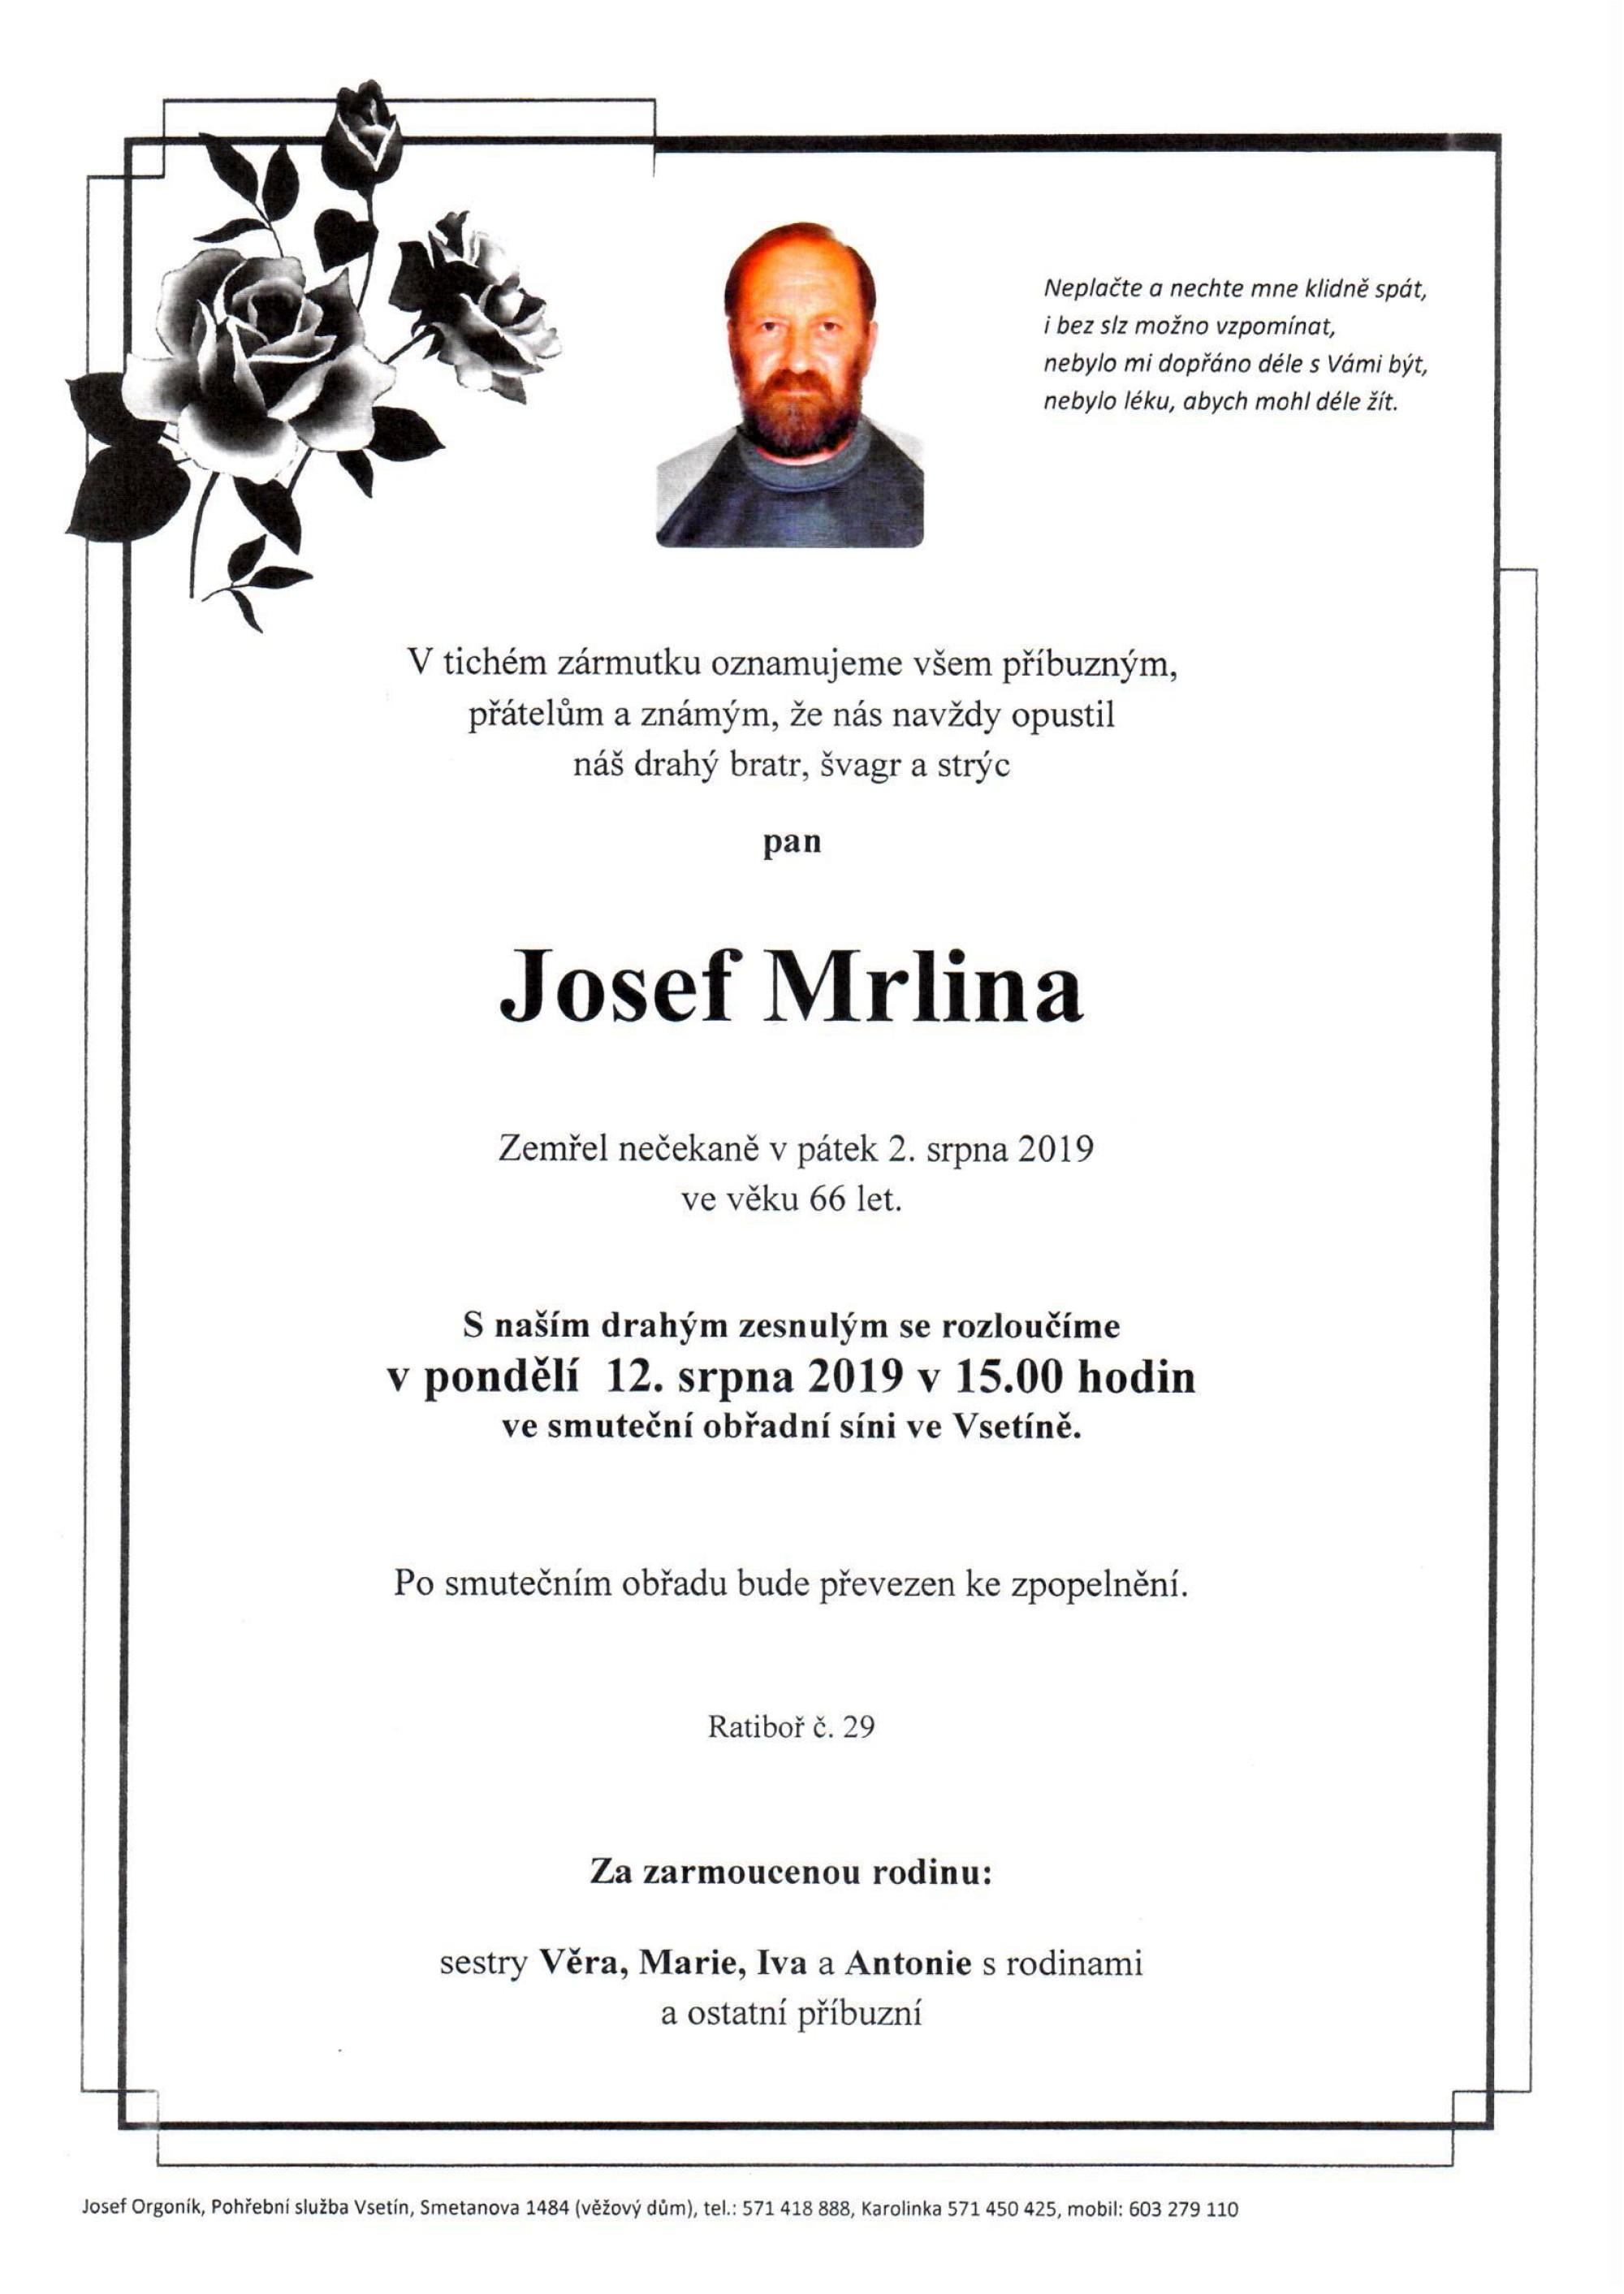 Josef Mrlina